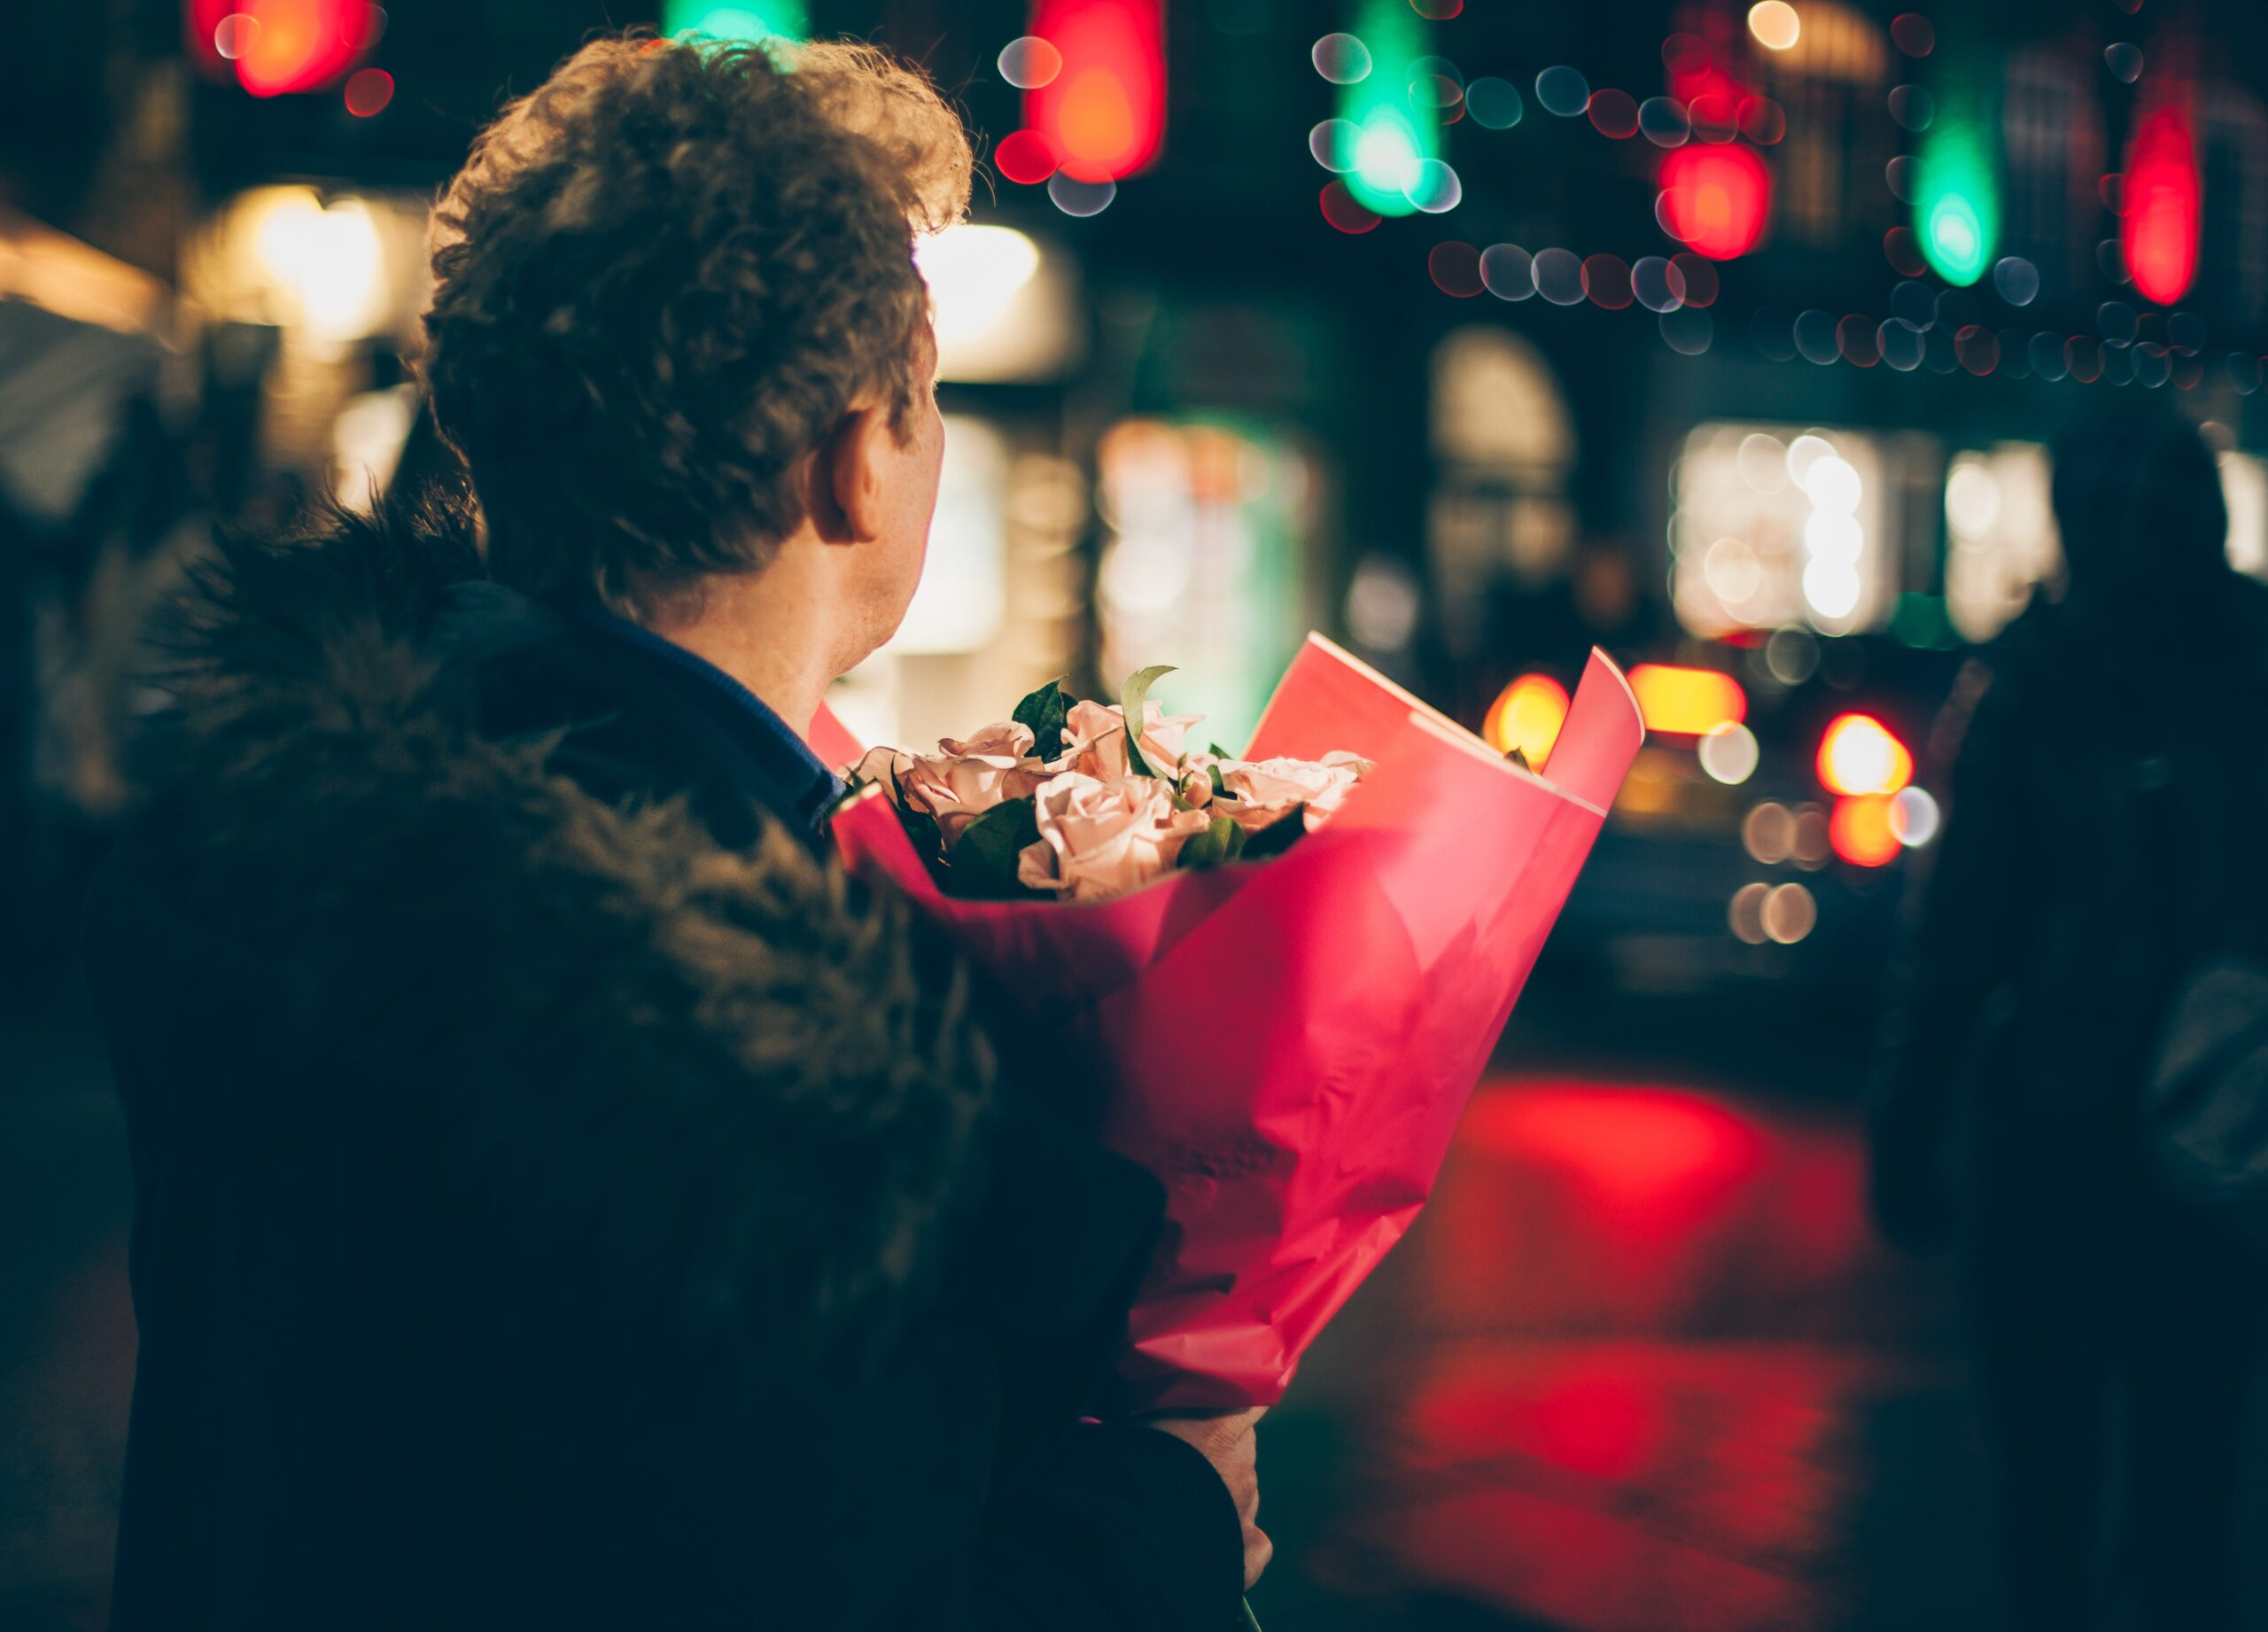 San Valentino: il regalo perfetto per lei? Ci pensiamo noi.